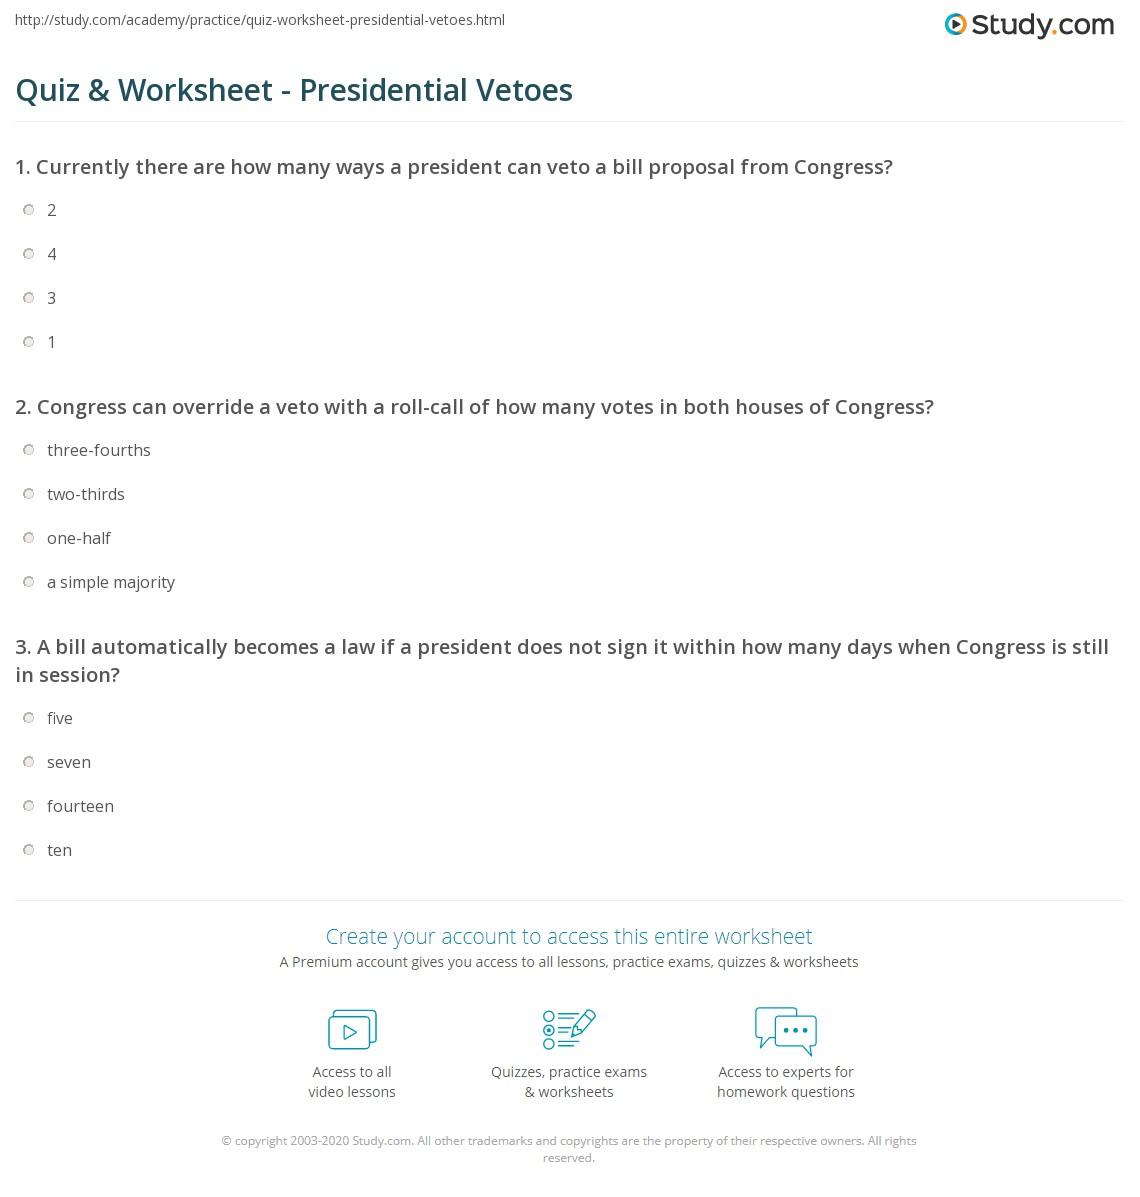 Quiz Worksheet Presidential Vetoes Study